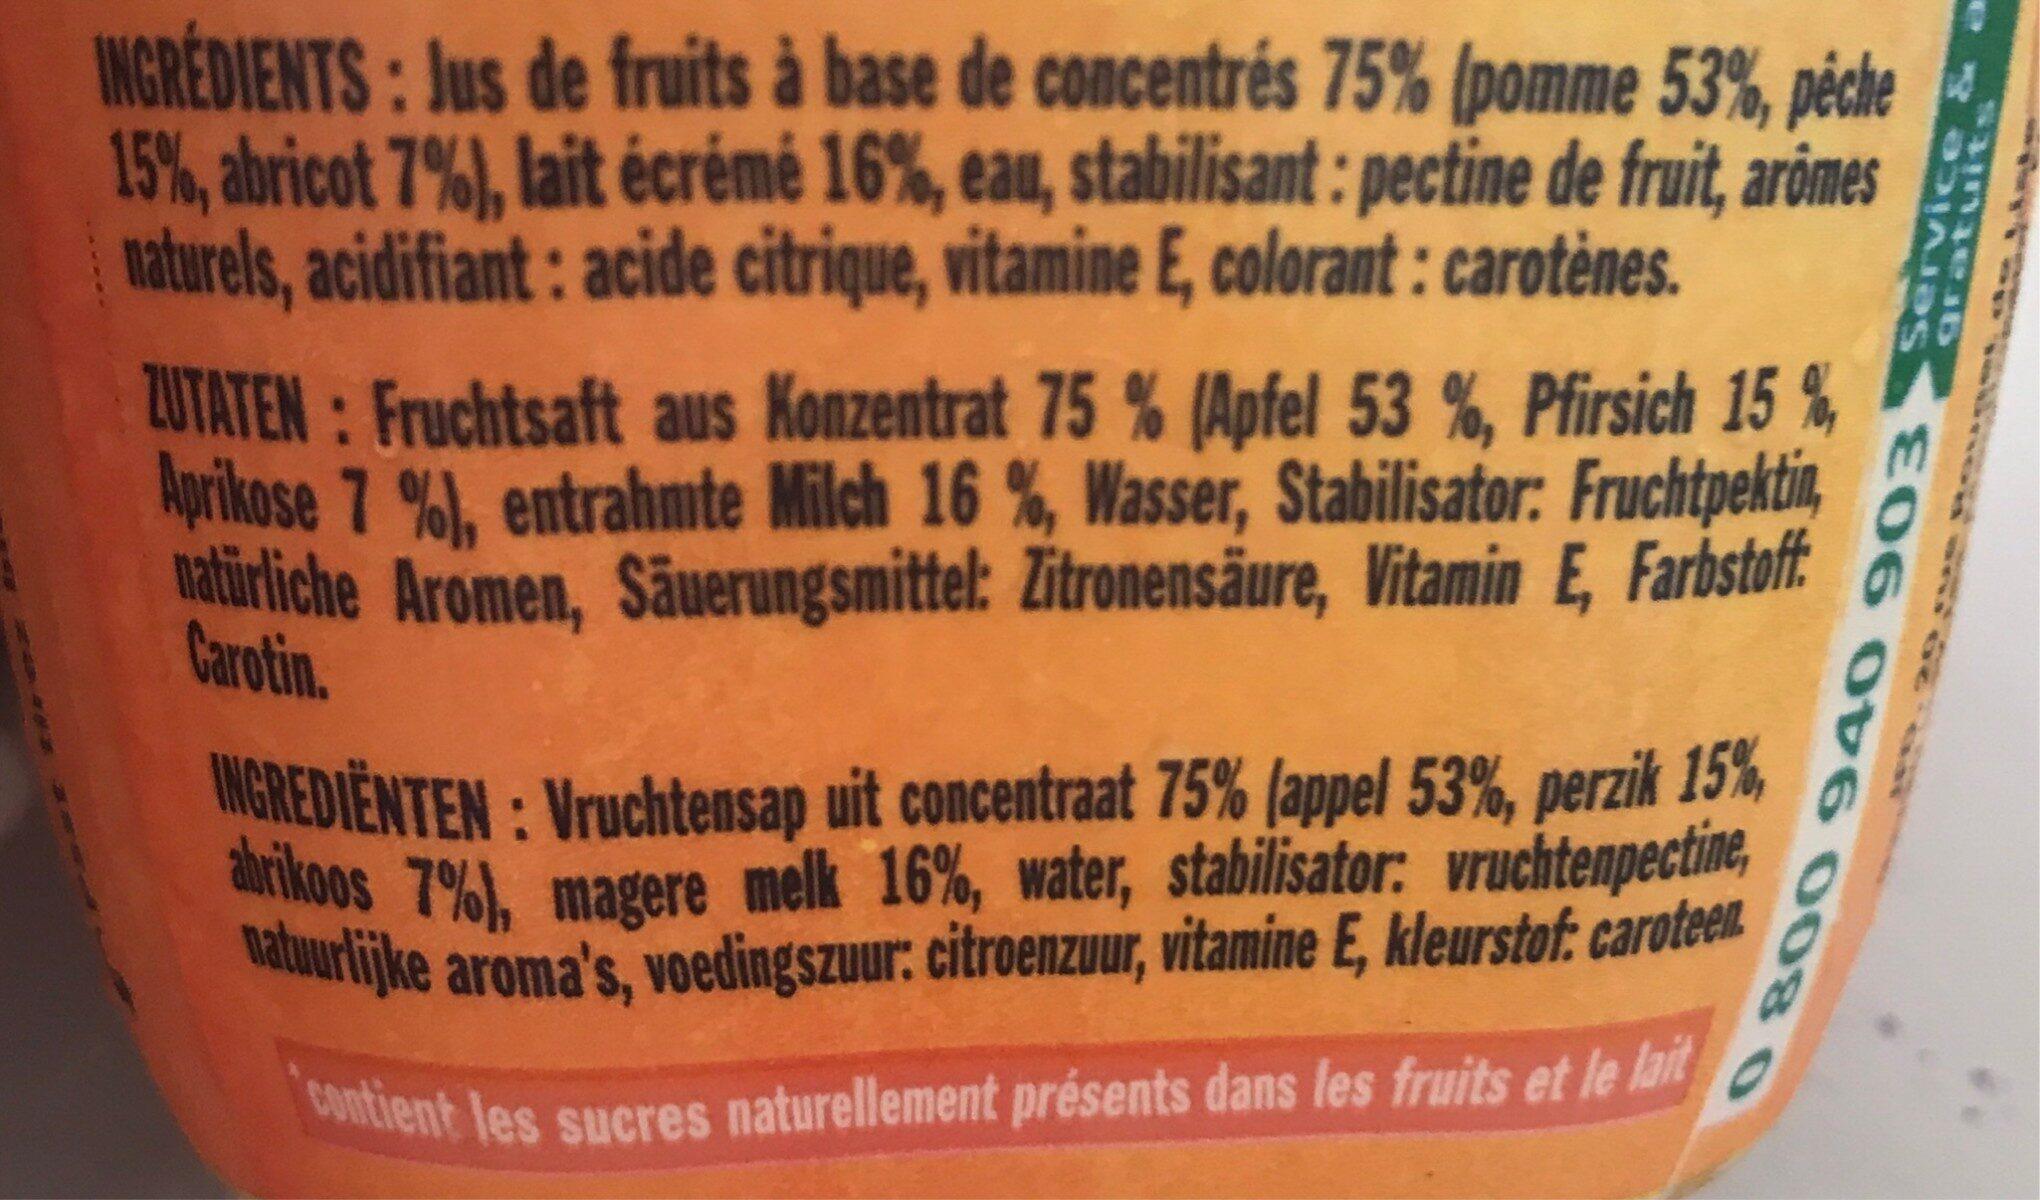 Danao pêche abricot - Ingrédients